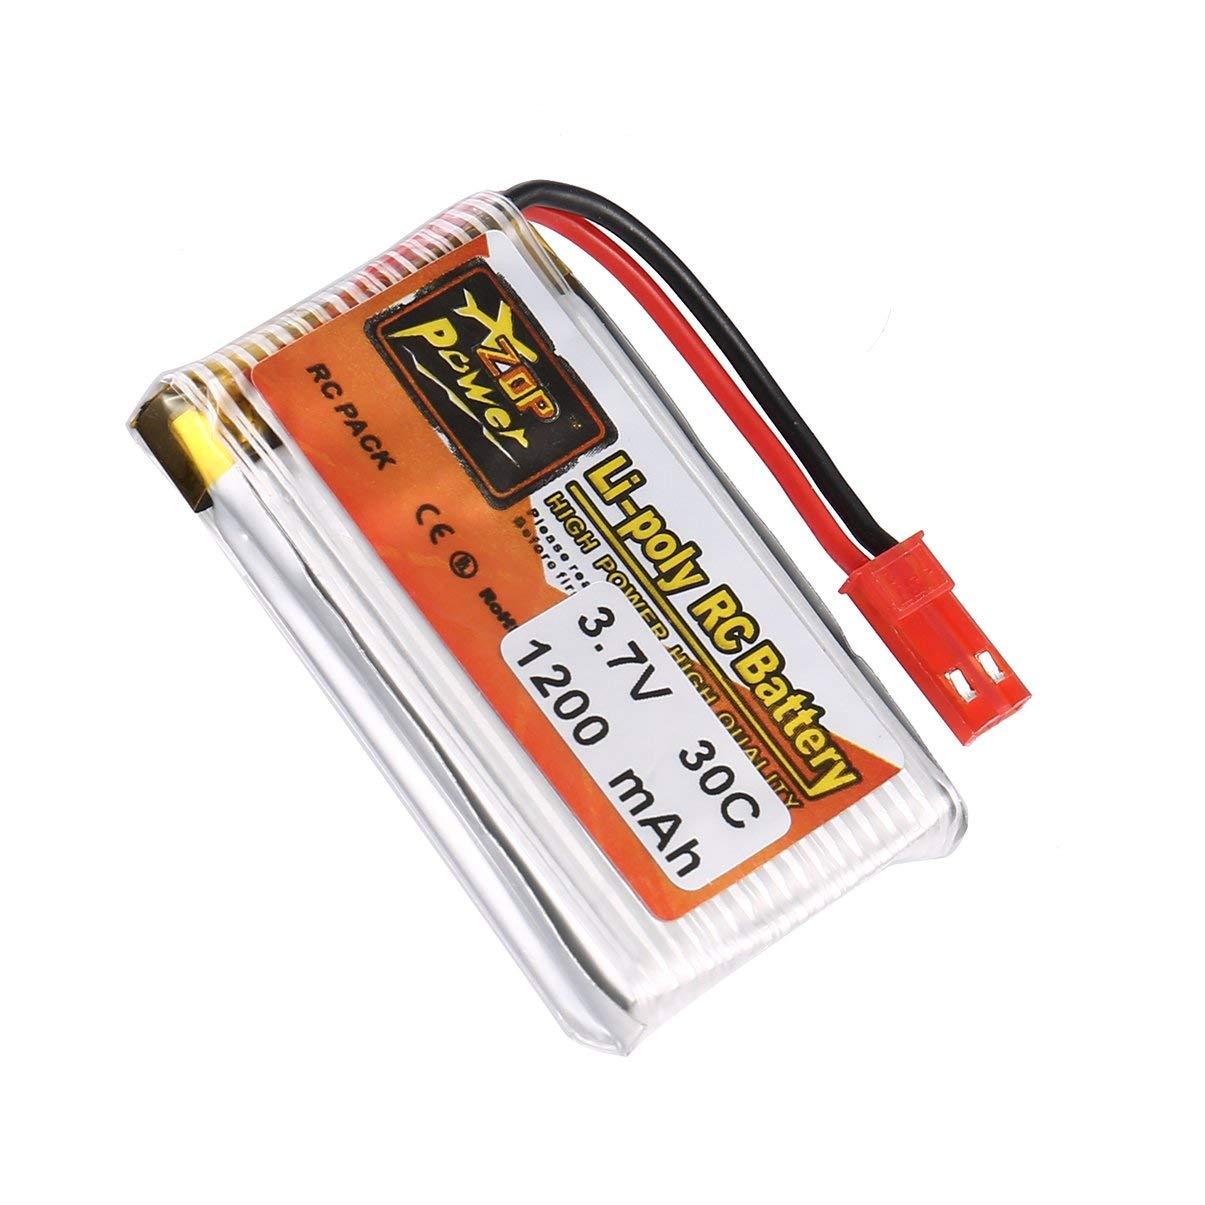 JullyeleFRgant 6Pcs ZOP Puissance 3.7V 1200mAh 30C 1S JST Plug Batterie Lipo Rechargeable avec 6 en 1 Batterie USB Chargeur pour RC Racing Drone Car